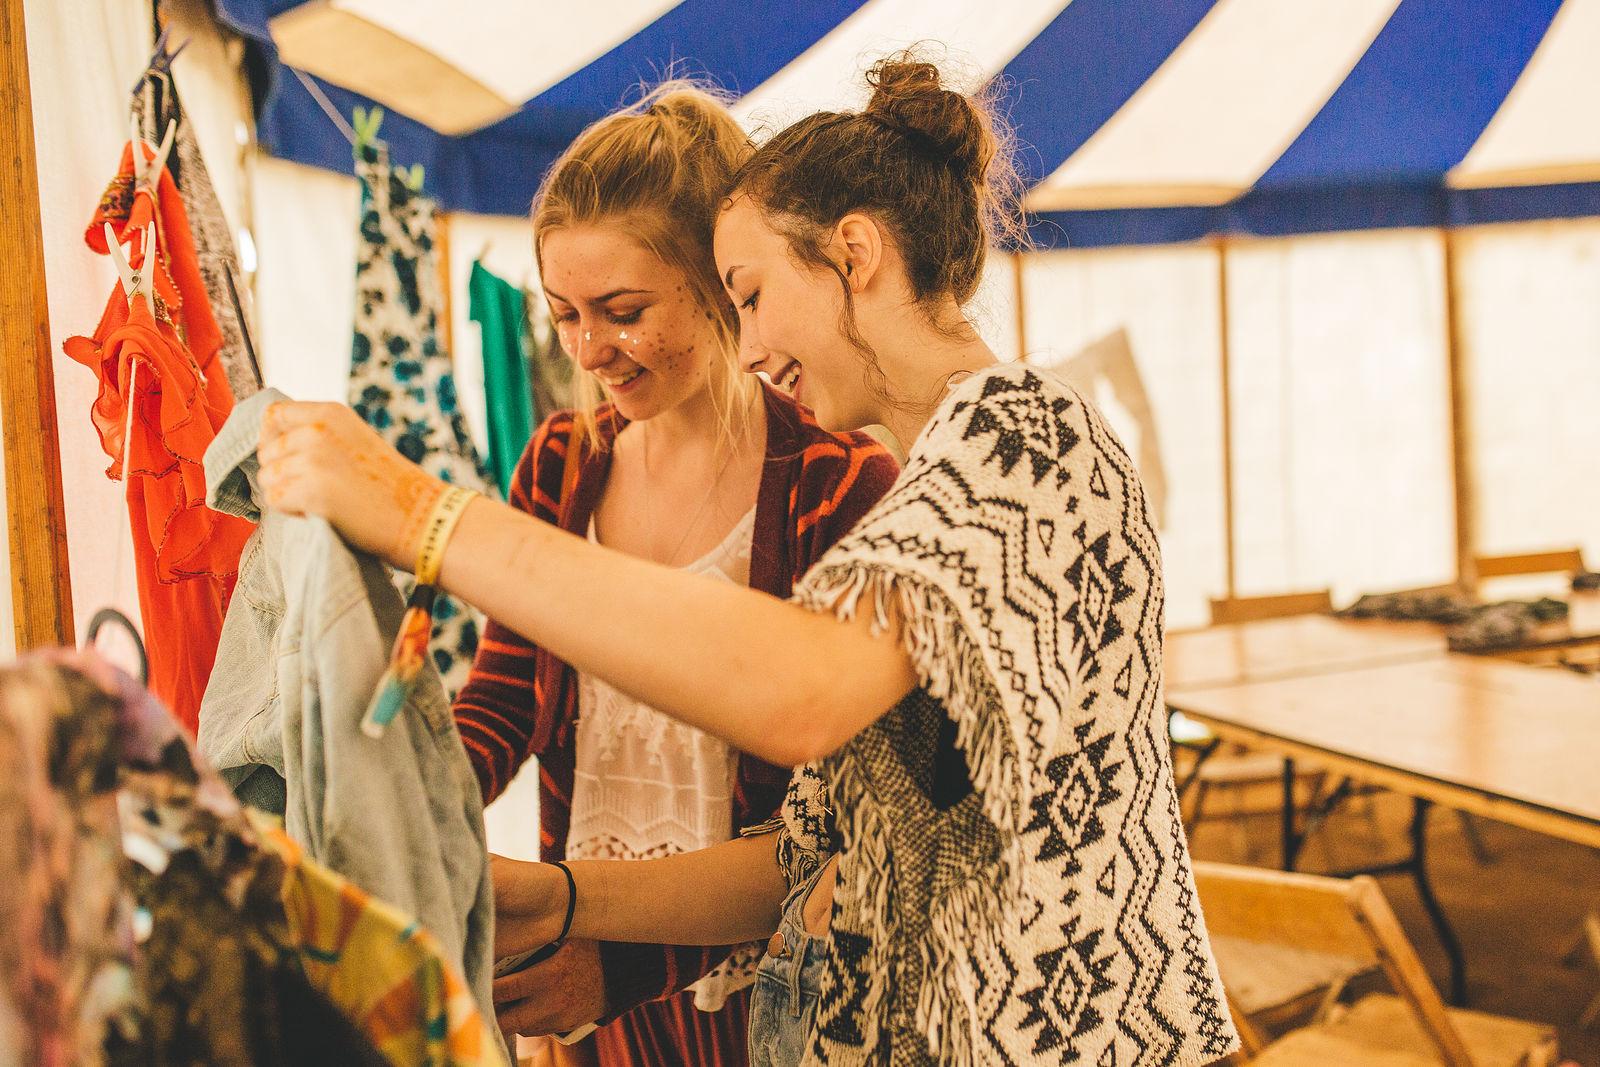 Port Eliot Clothes Swap